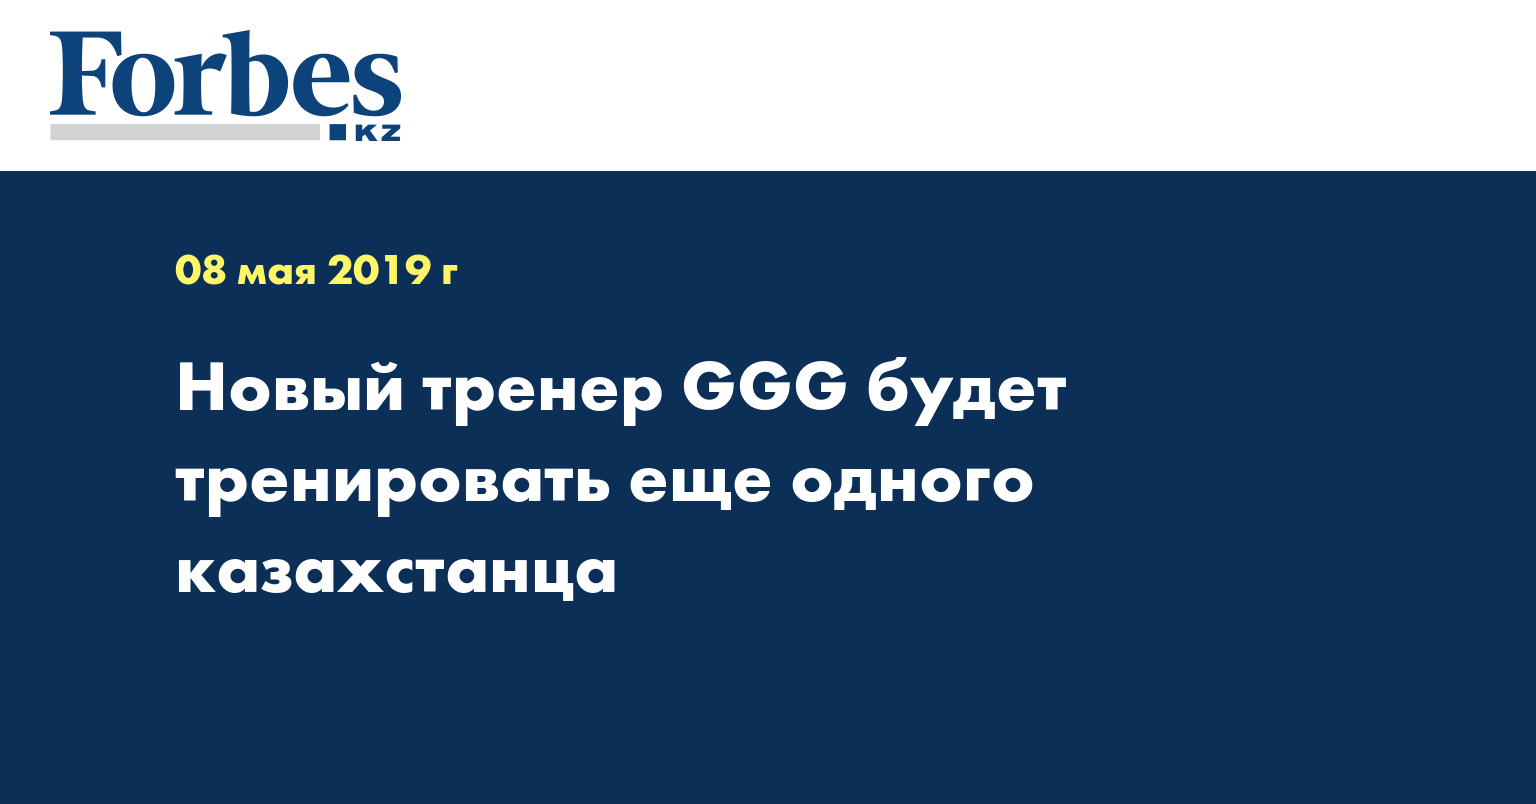 Новый тренер GGG будет тренировать еще одного казахстанца